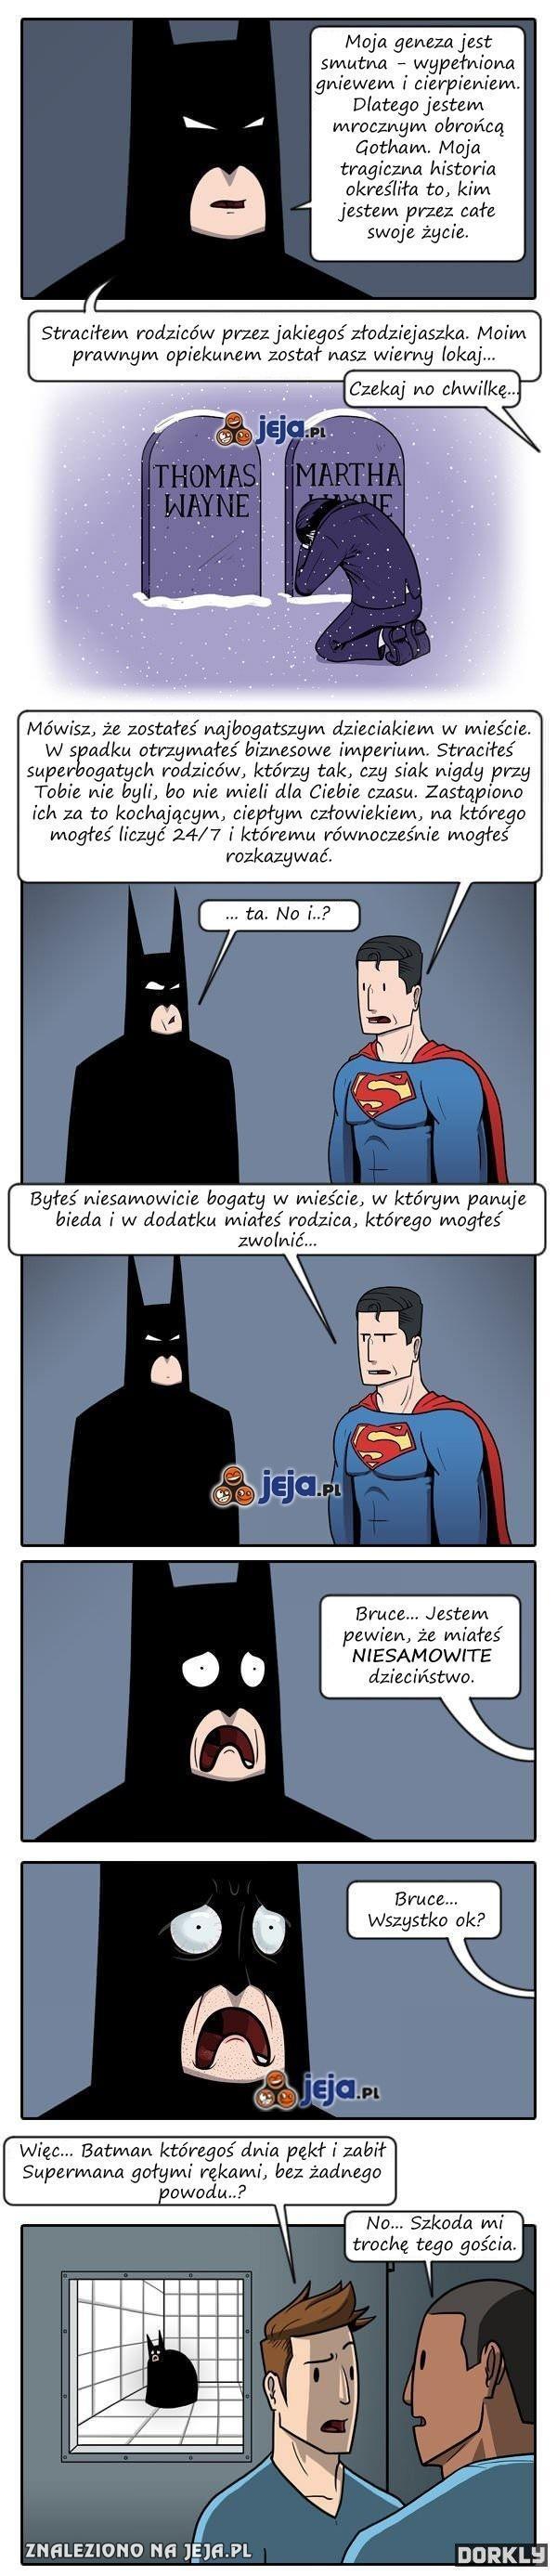 Batman nie miał takiego złego dzieciństwa